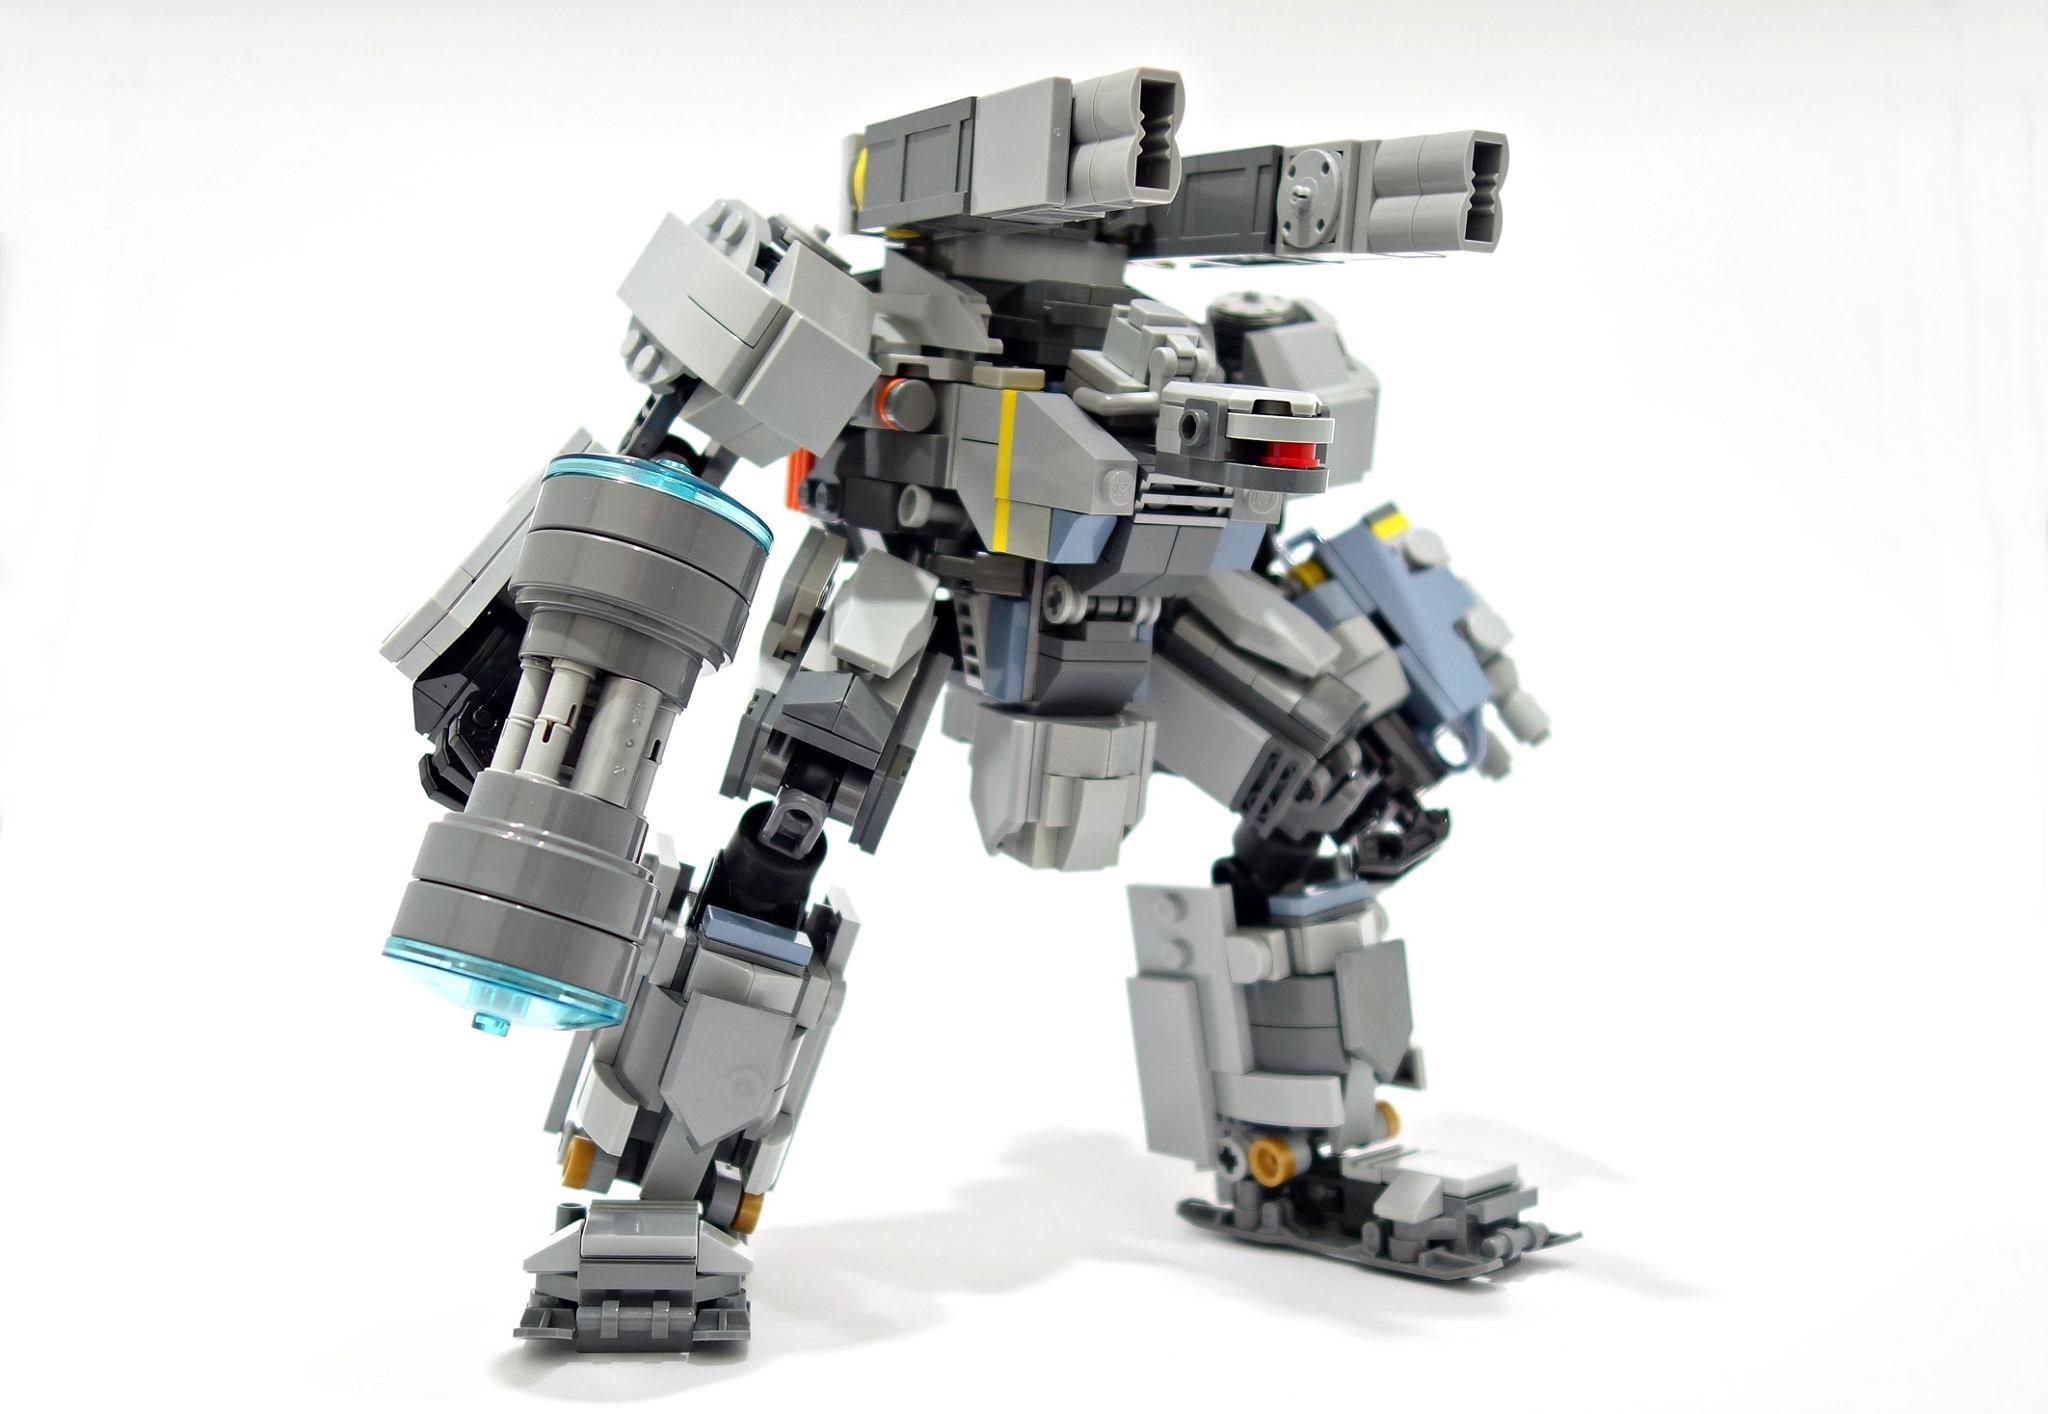 LEGO MishiF Unit 001 Mech